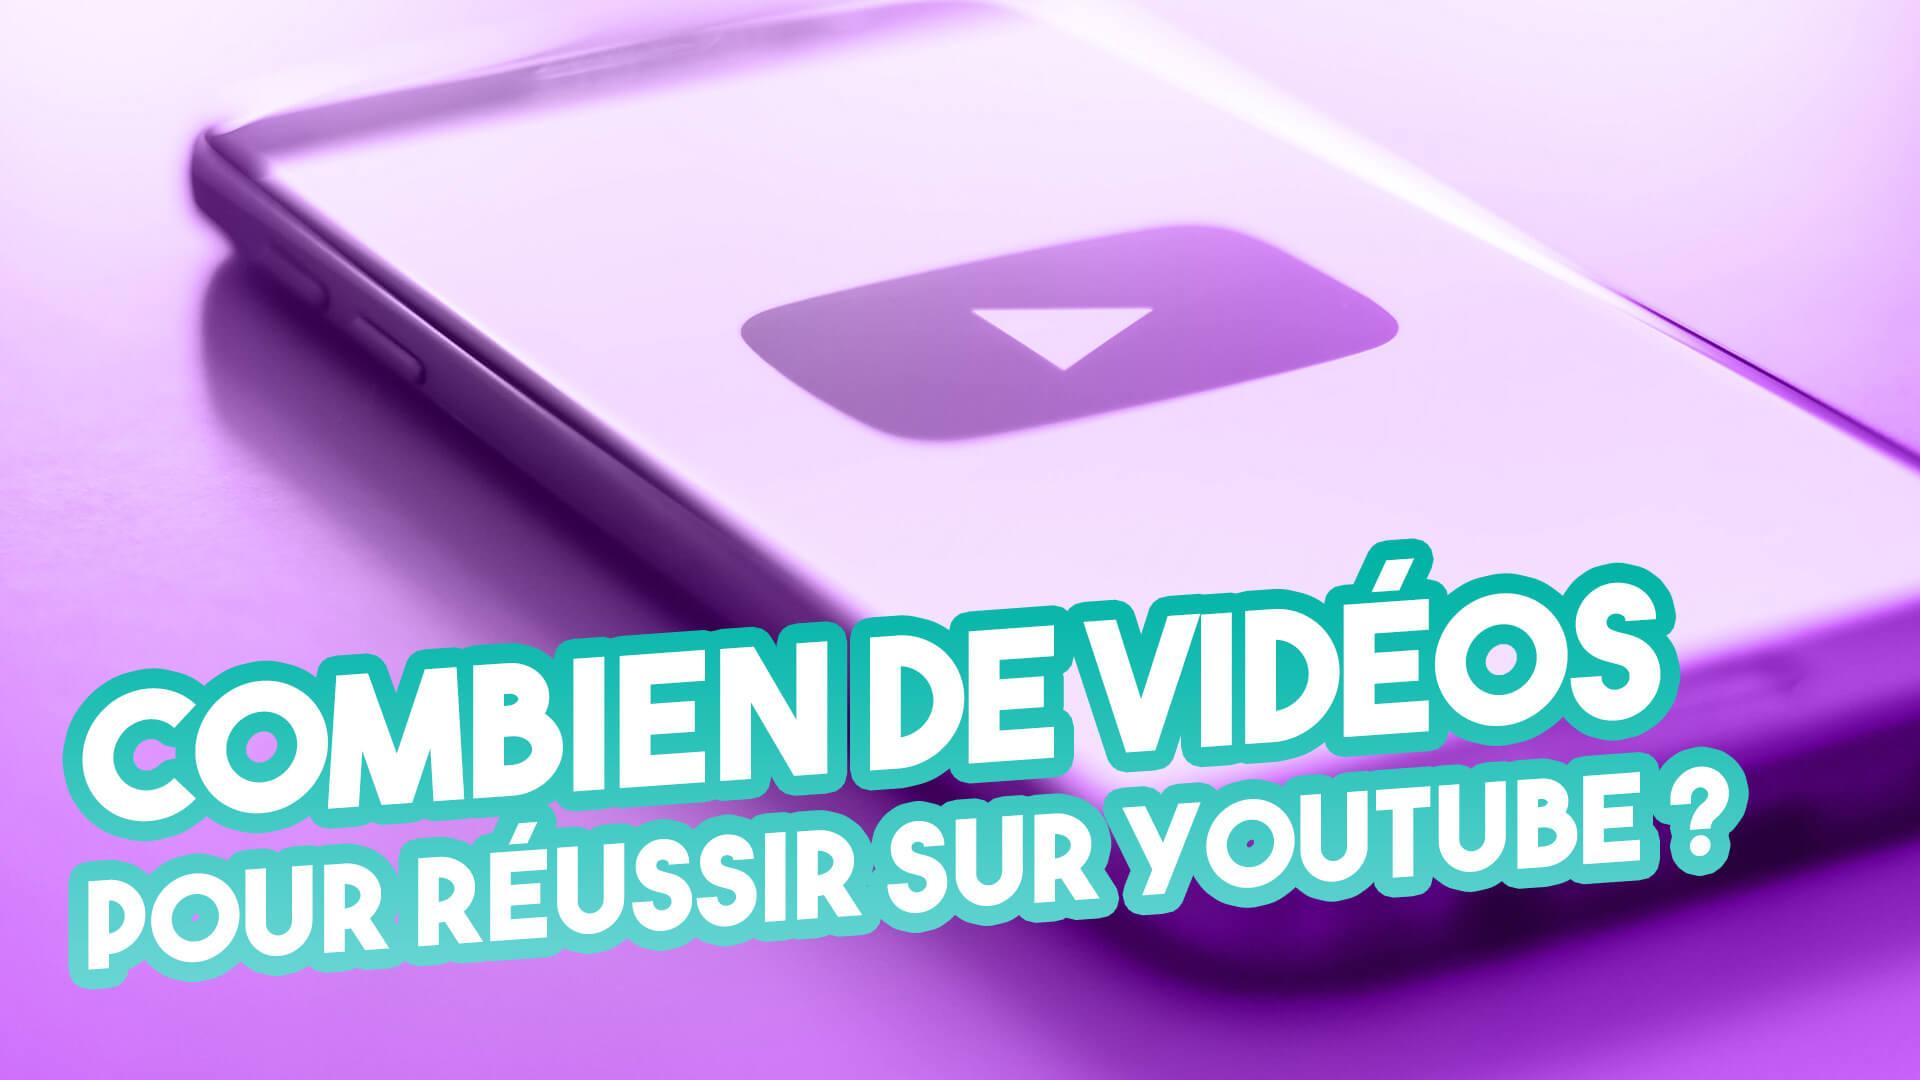 Réussir sur YouTube en 2020 : Combien de vidéos publier ?